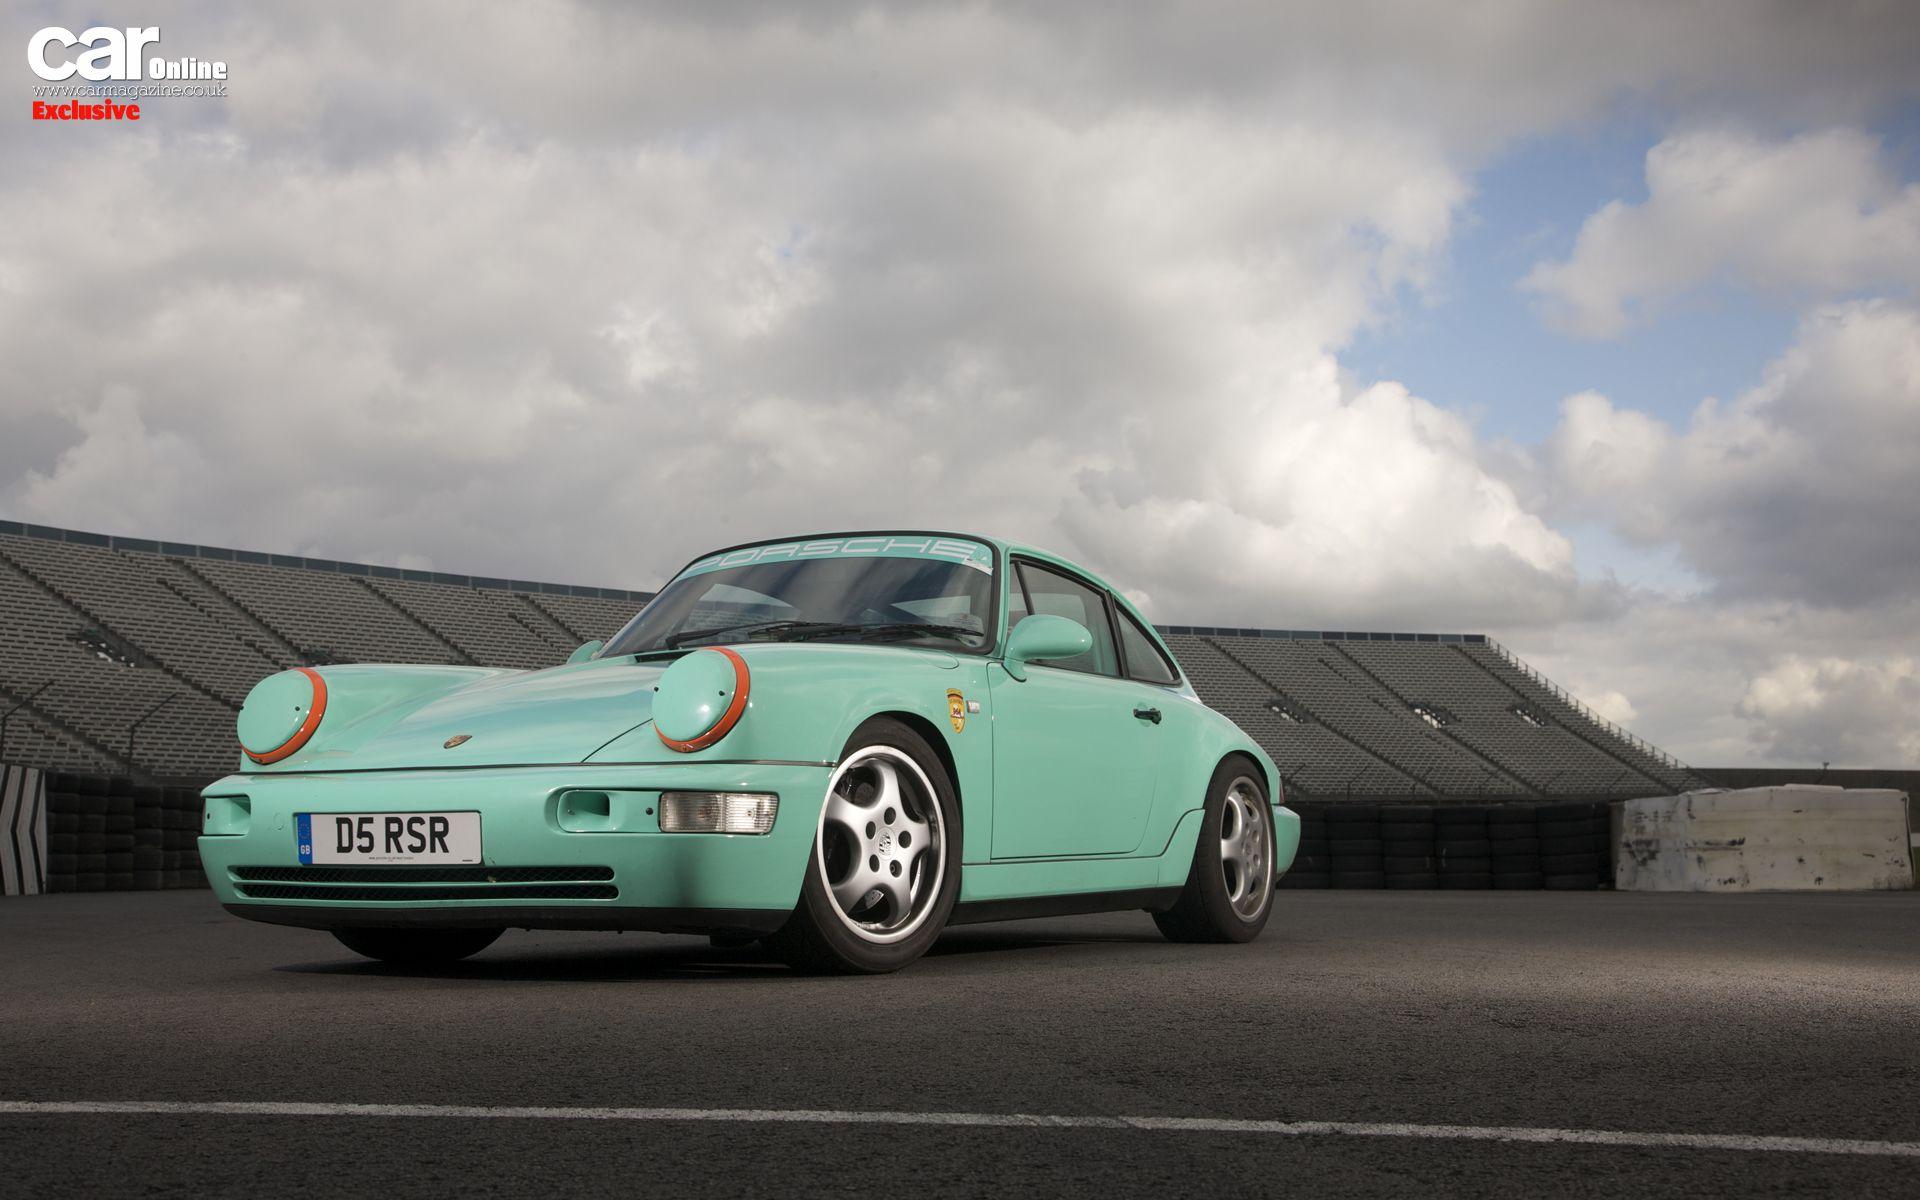 Merveilleux 1990 Porsche 964 Austin, Texas [1440x2560] HD Wallpaper From Gallsource.com  | HD Car Wallpapers | Pinterest | Car Wallpapers, Porsche 964 And Cars